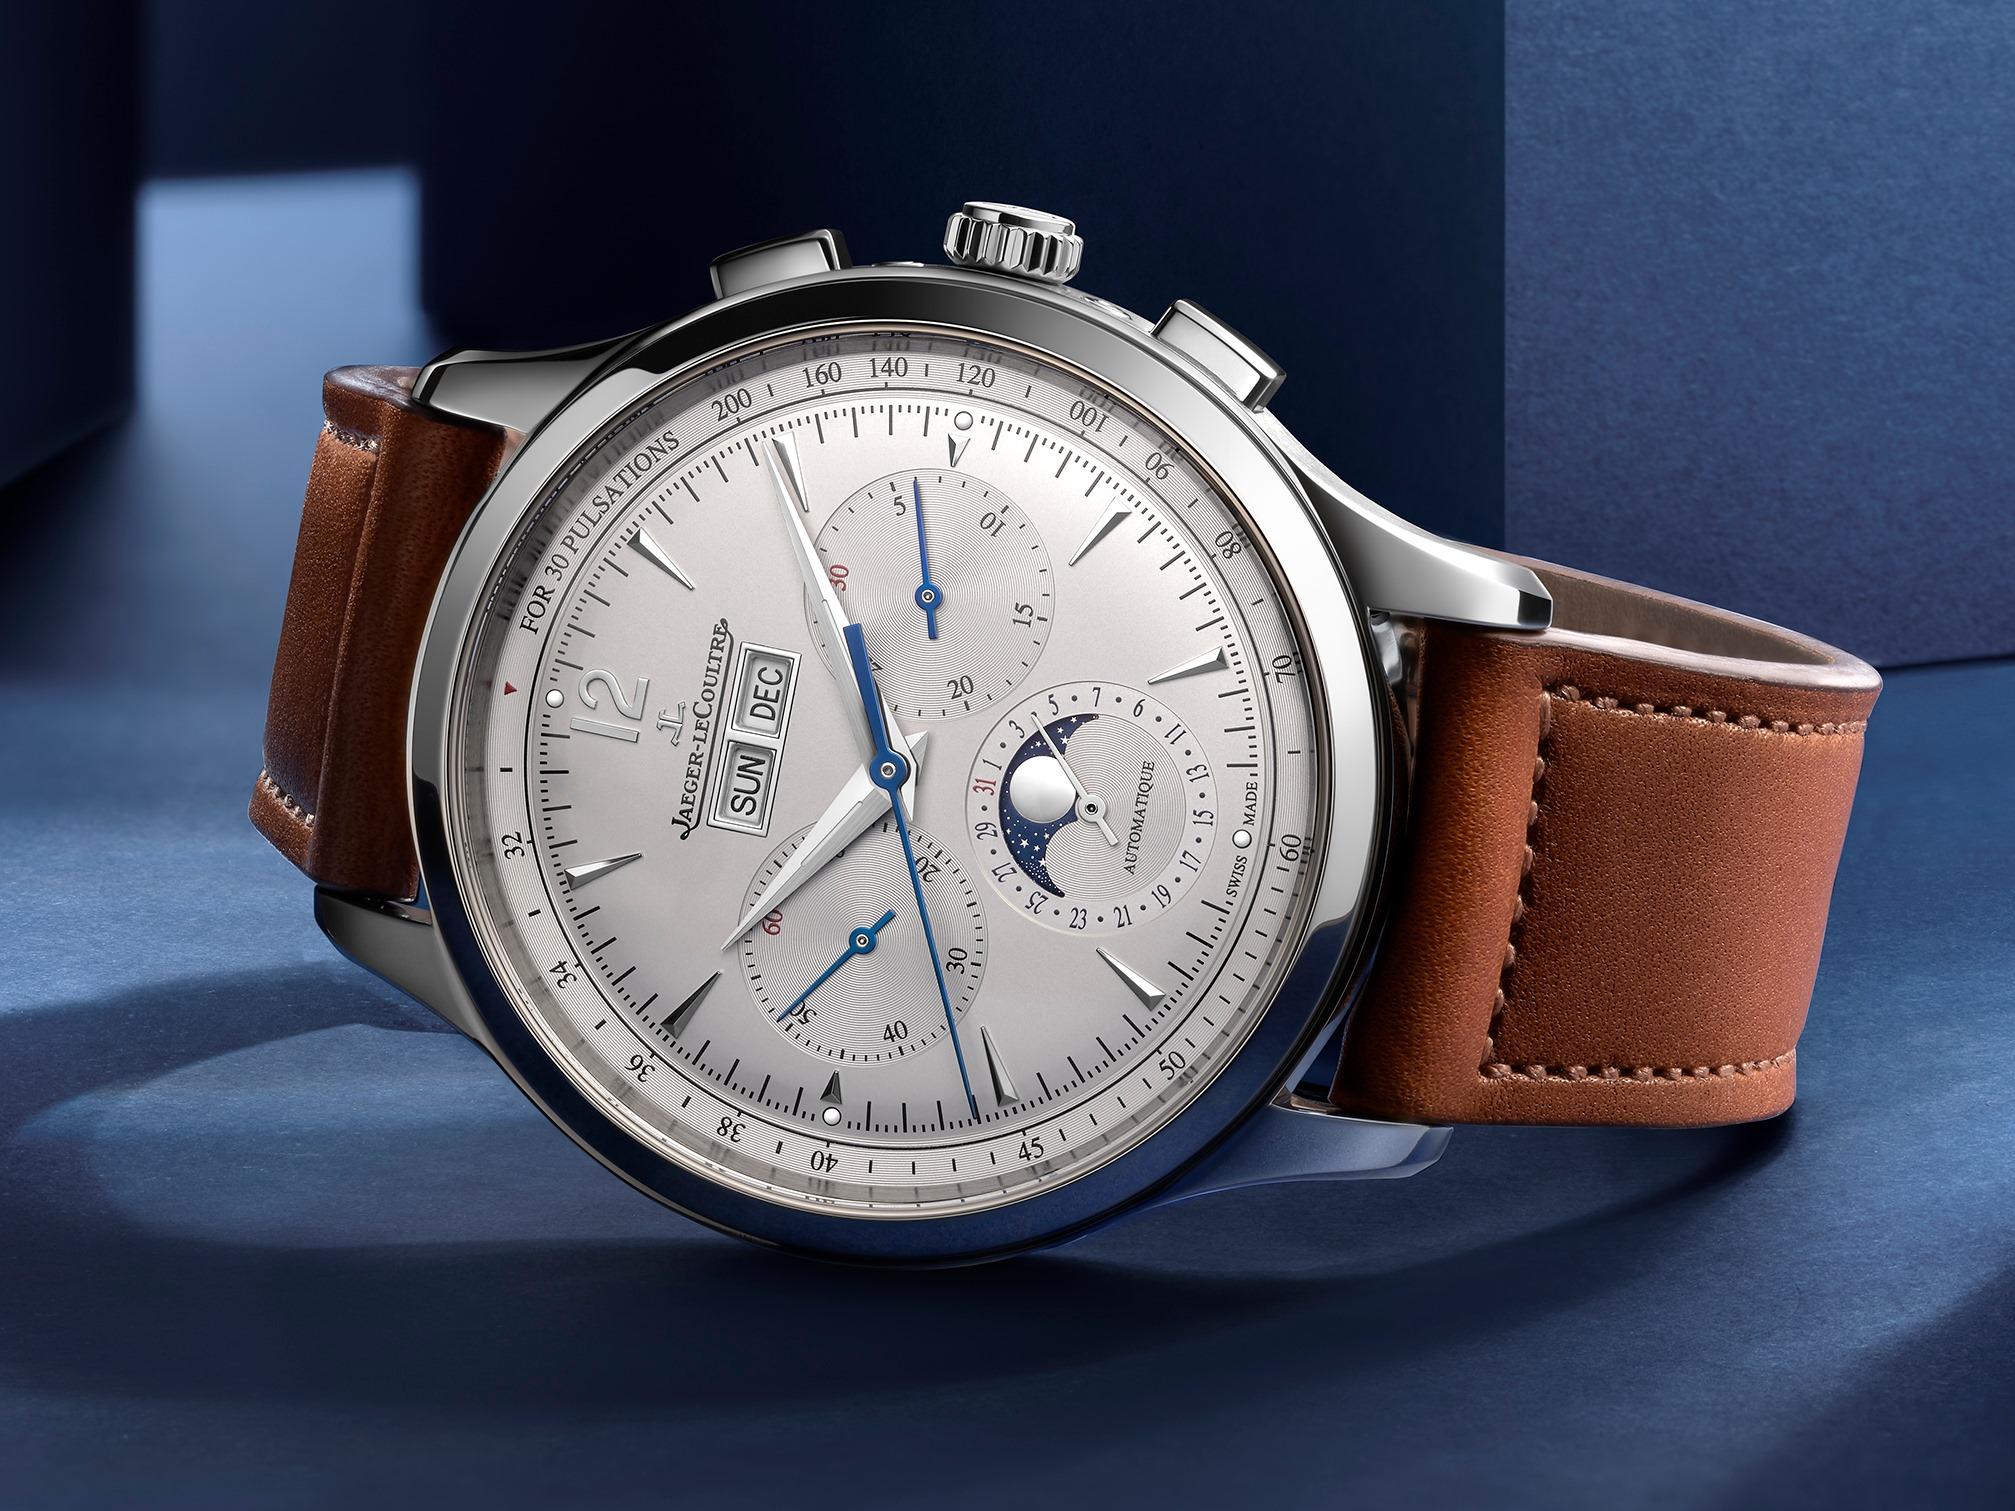 Jaeger-LeCoultre-Master Chronograph Calendar-